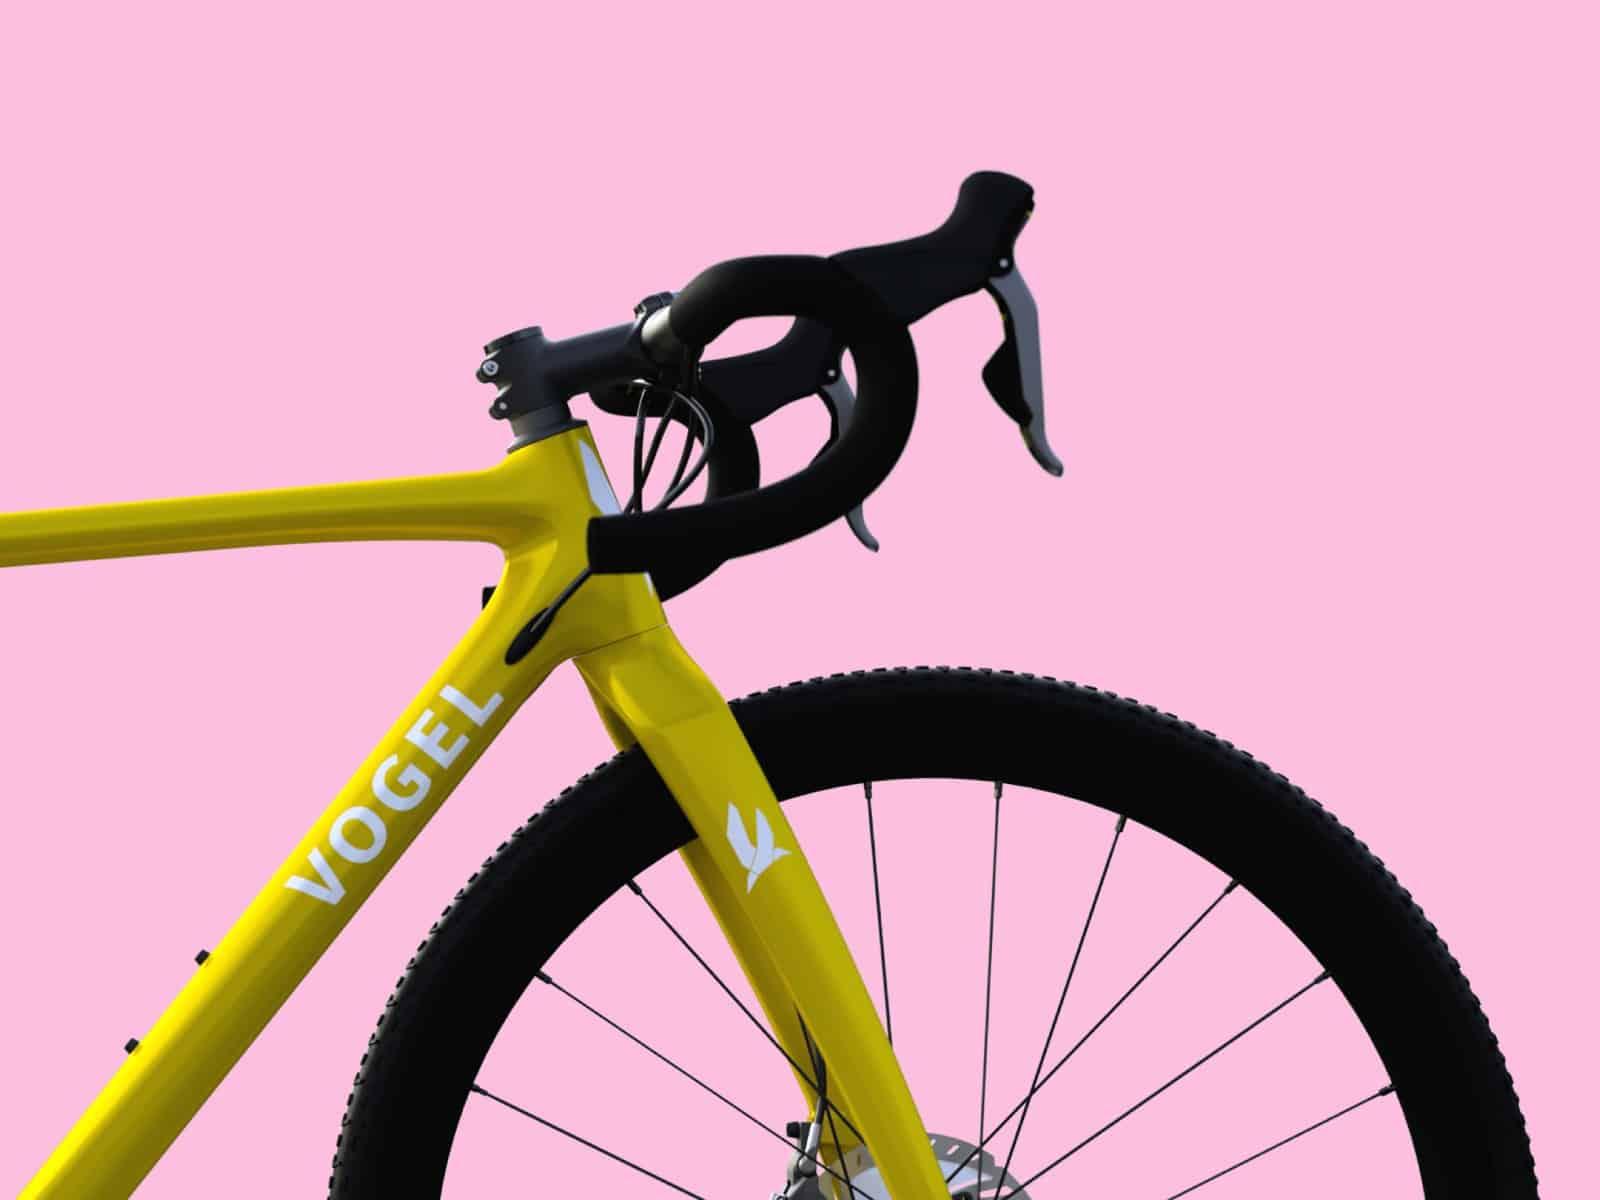 background-yellow-bike